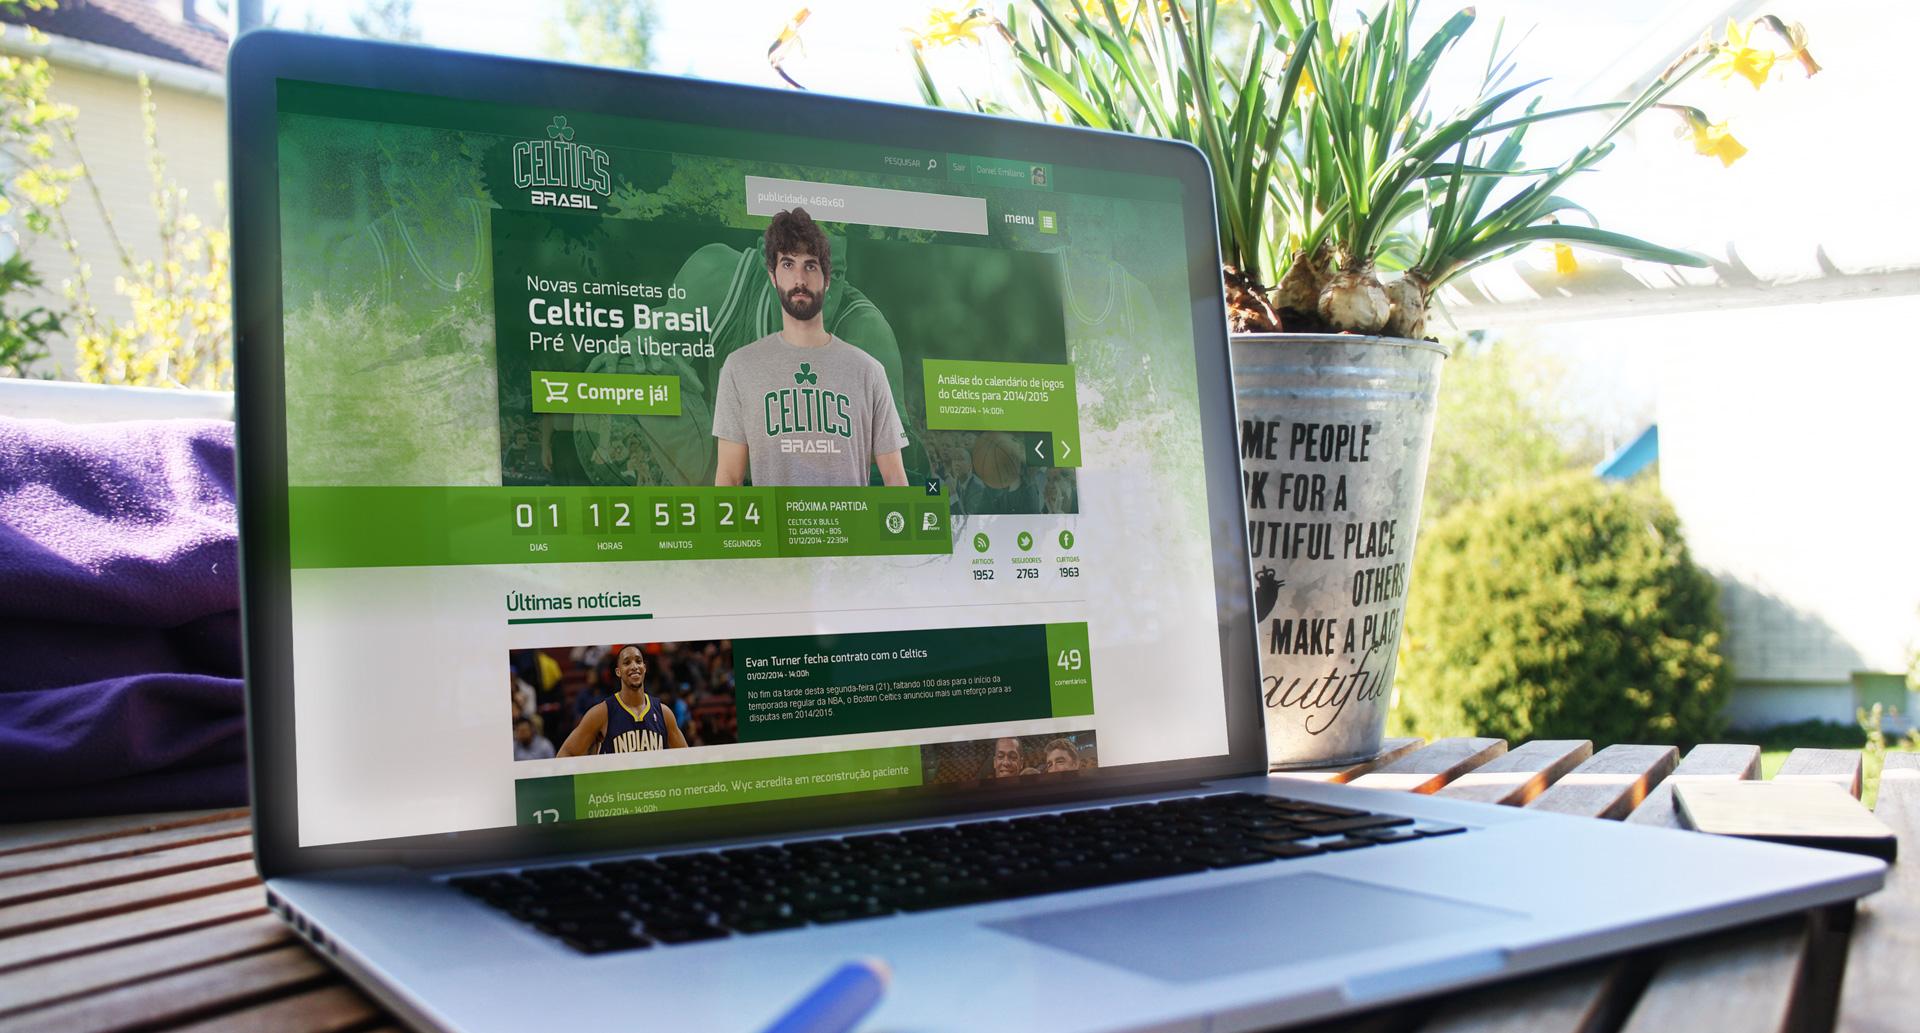 Celtics Brasil - Criação de website / Portal de notícias / Blog em Wordpress